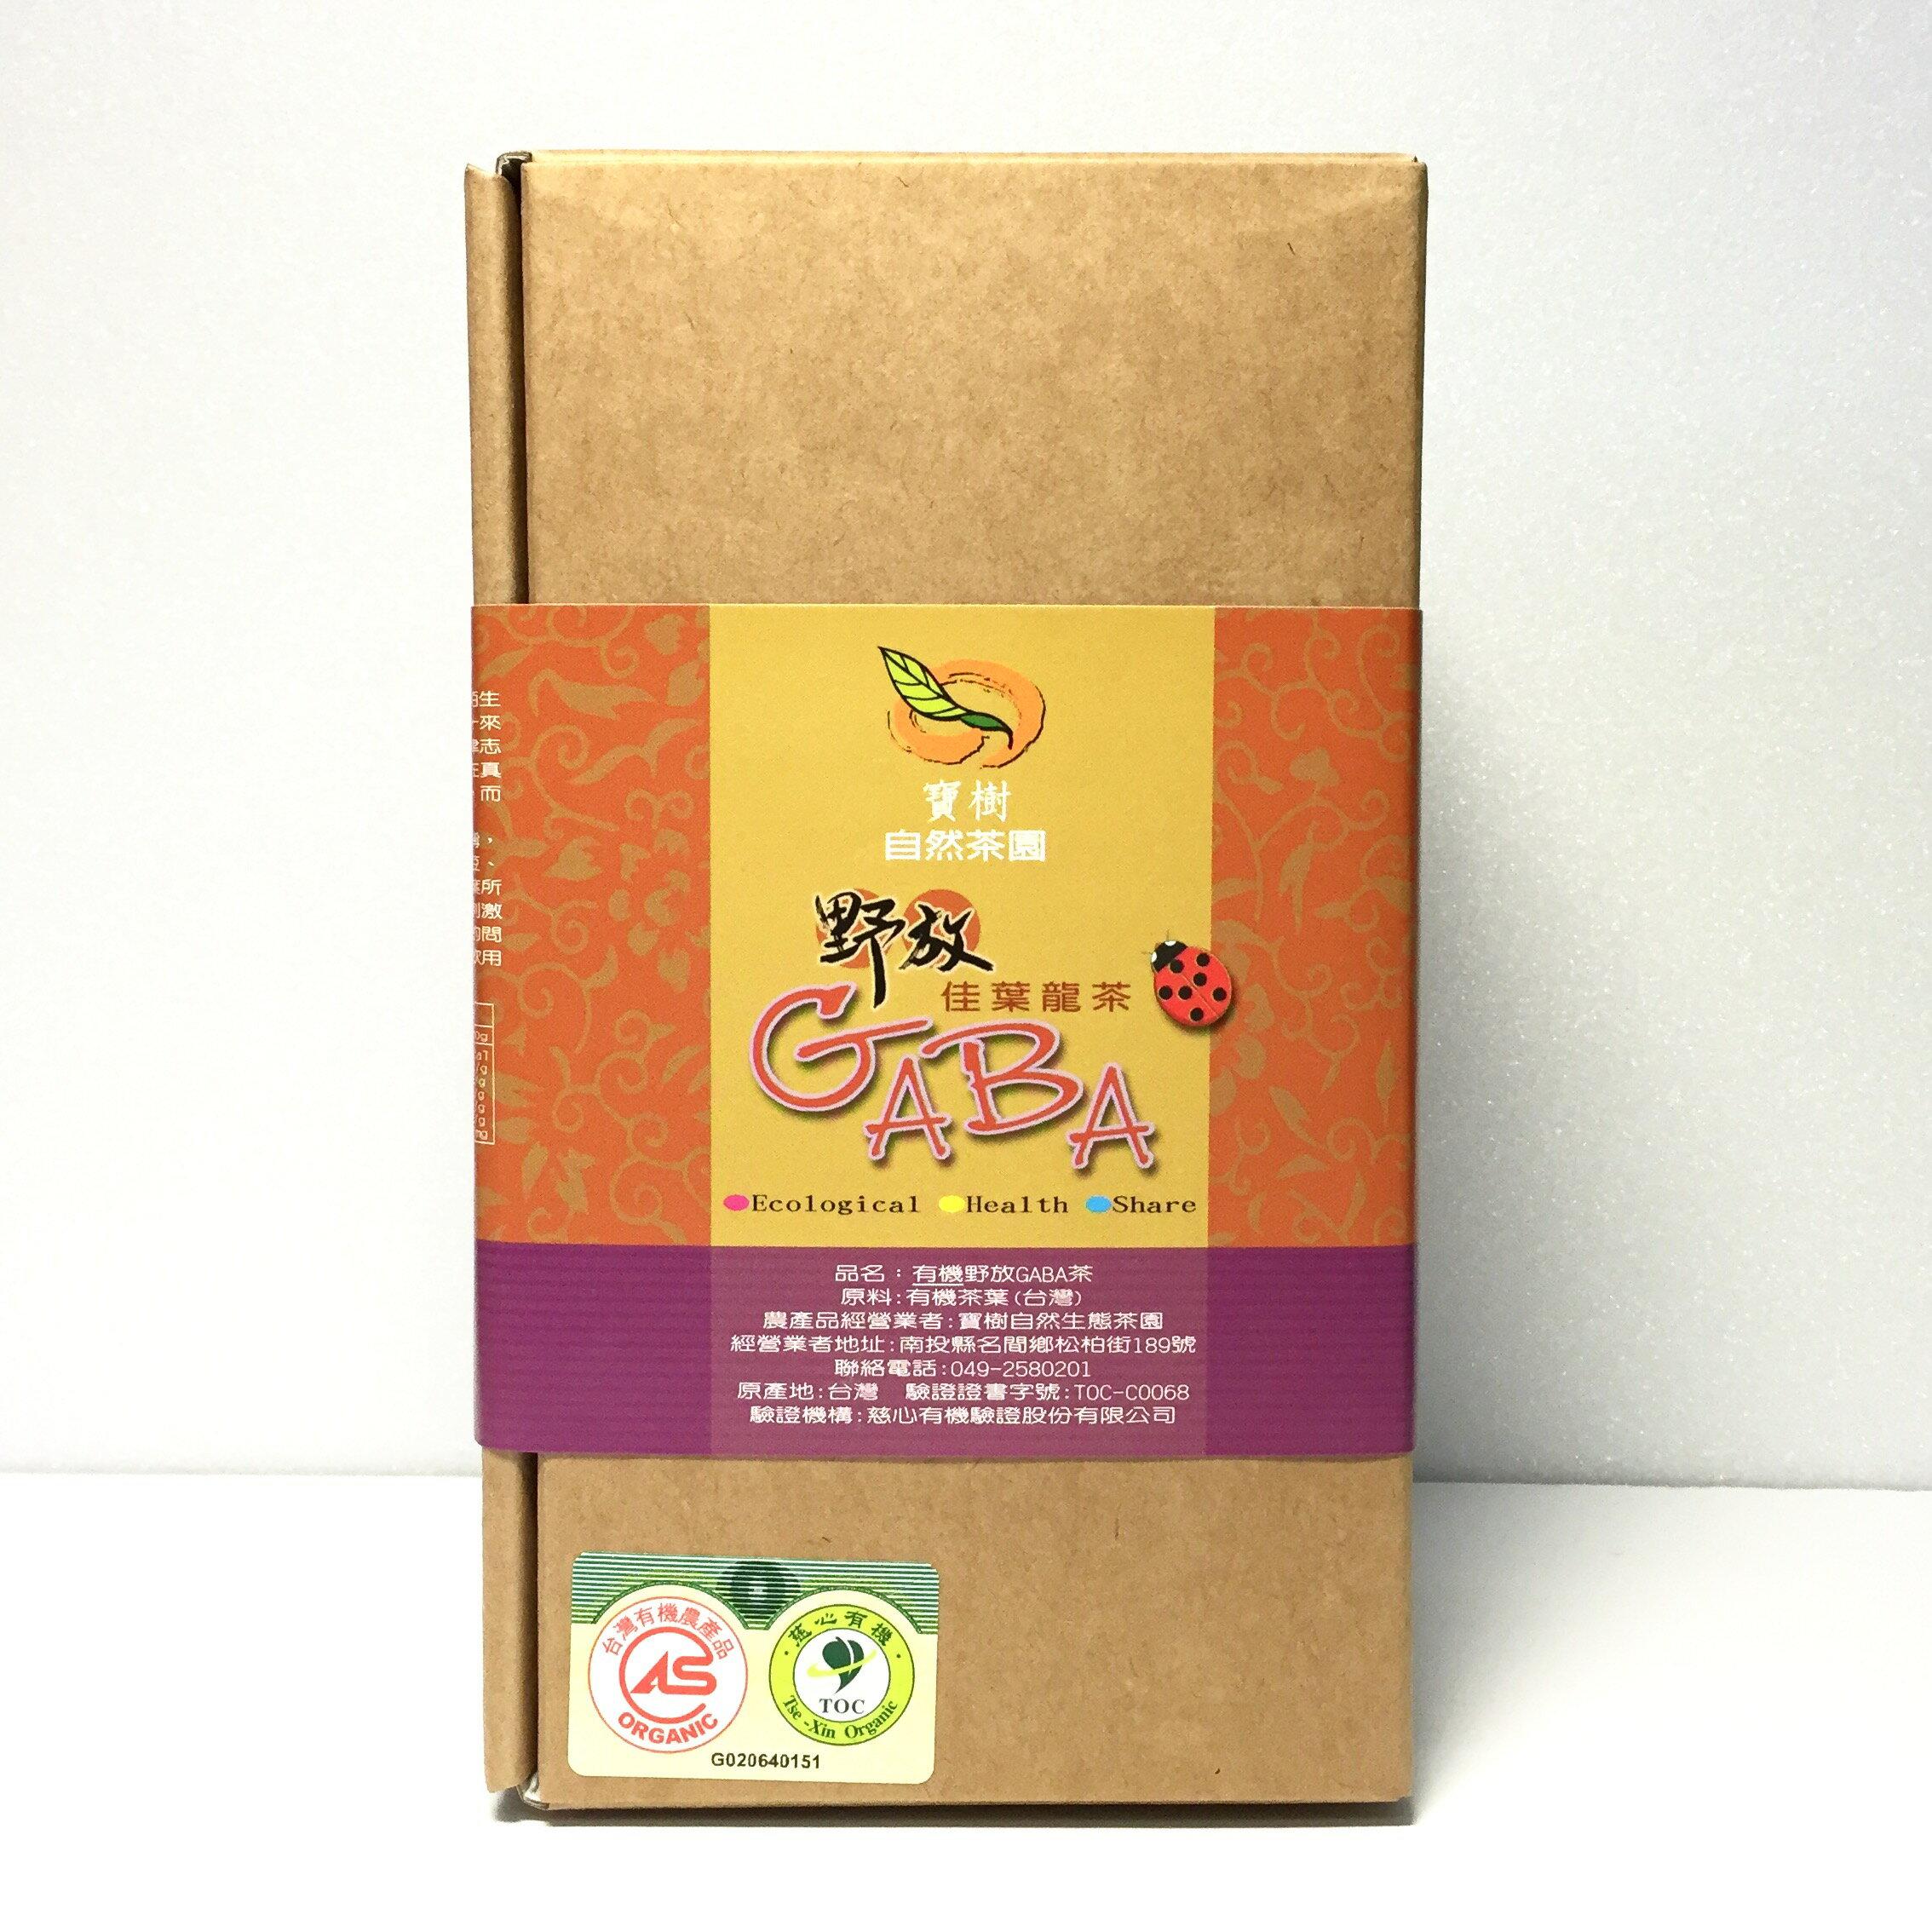 有機野放GABA佳葉龍茶【慈心認證】有機認證+自然農法--100g裝